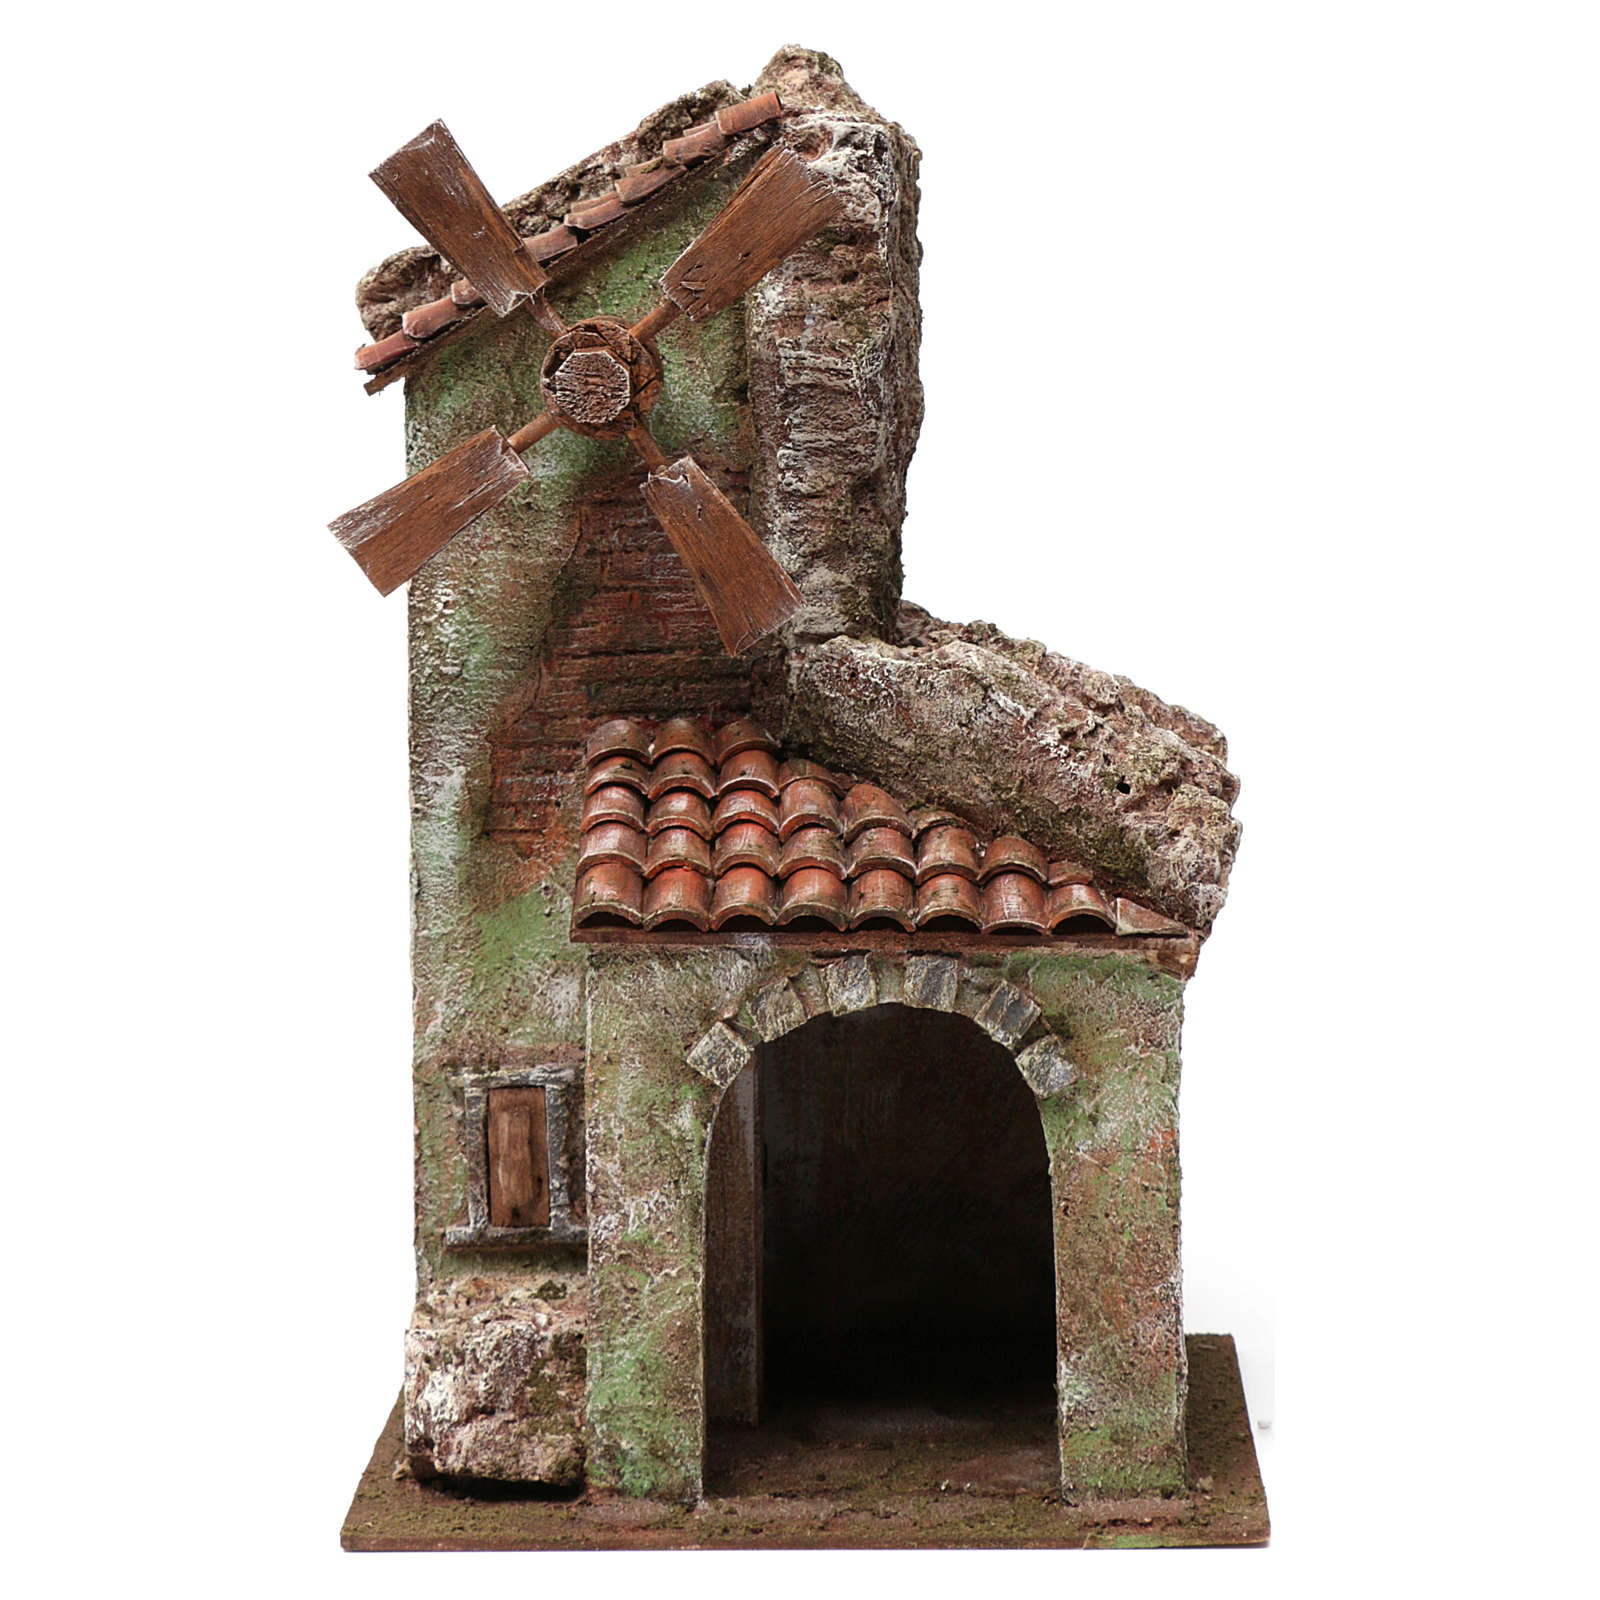 Molino para belén 4 hélices con arco y montaña, techo con tejas y pala 45x20x25 cm 4